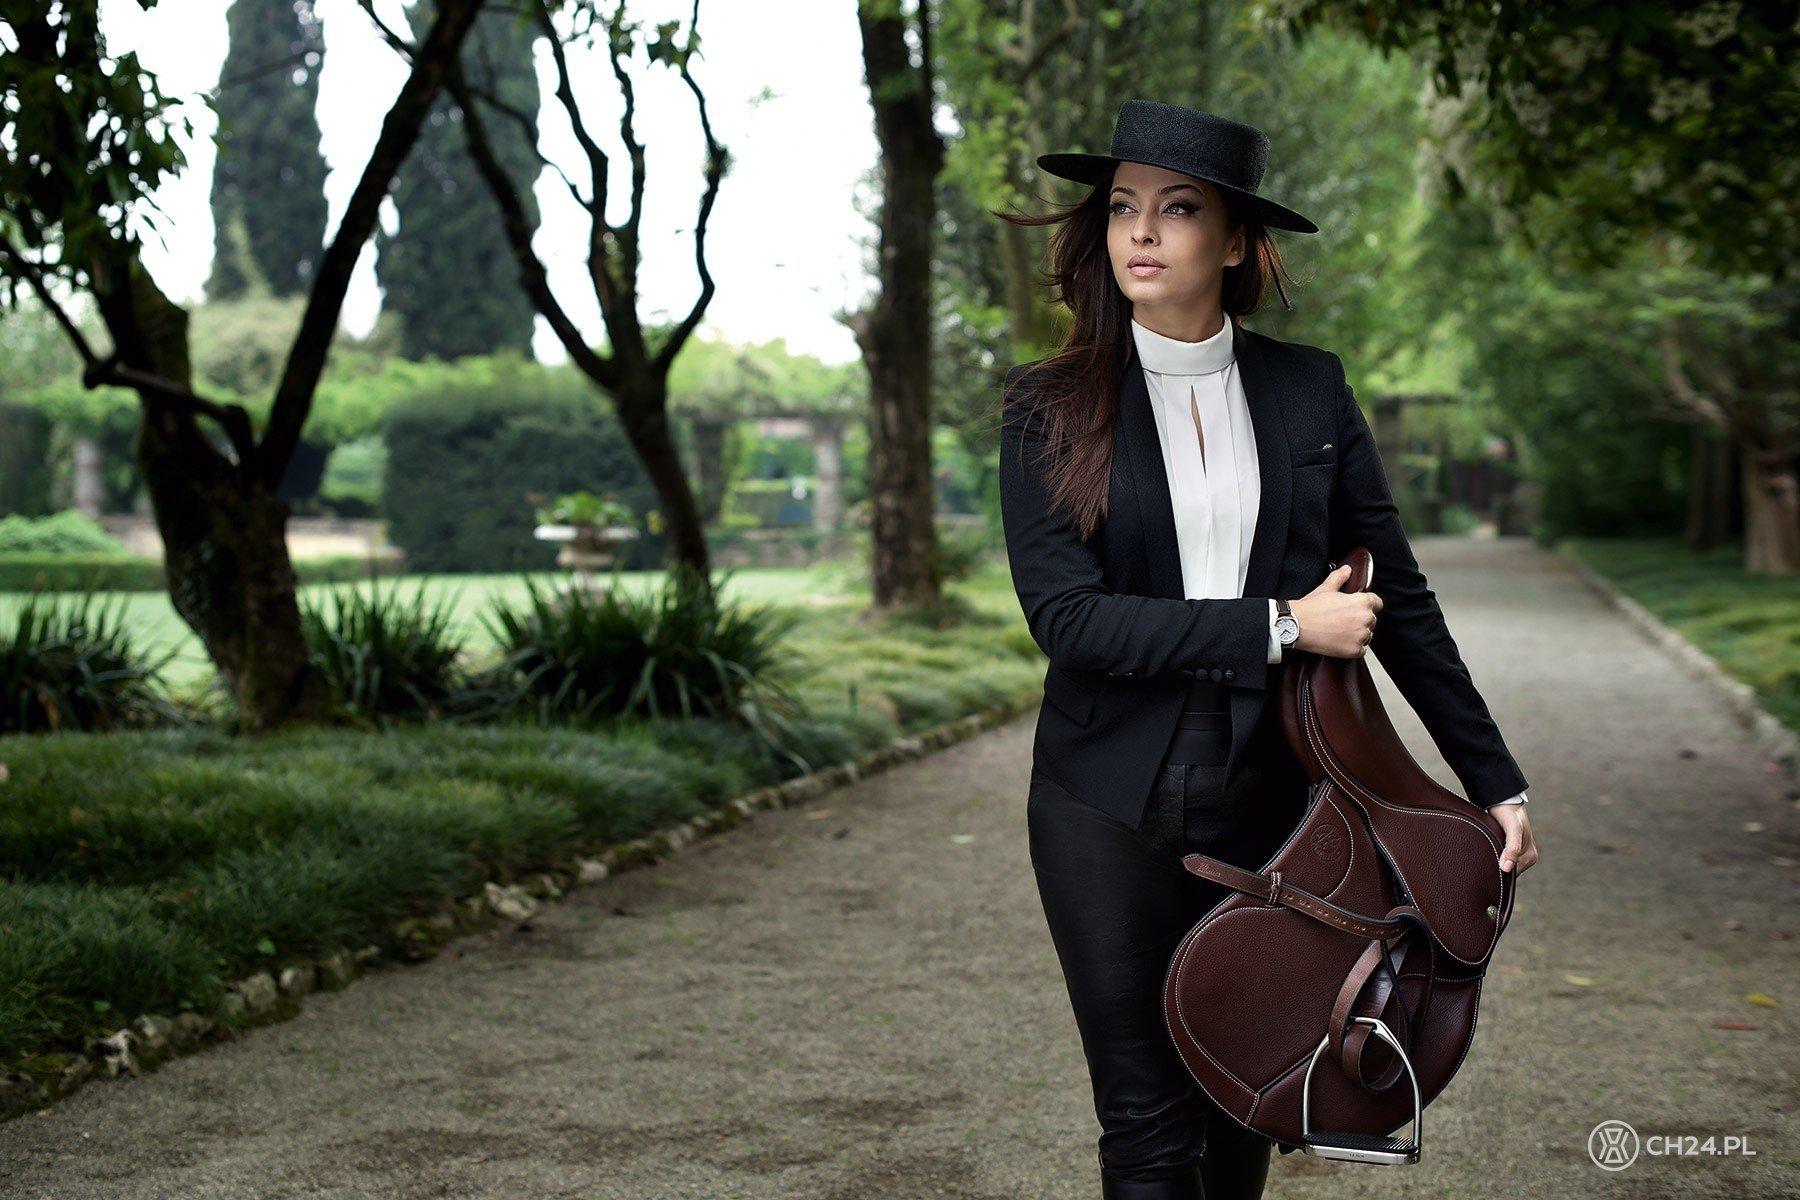 Znalezione obrazy dla zapytania longine equestrian fashion